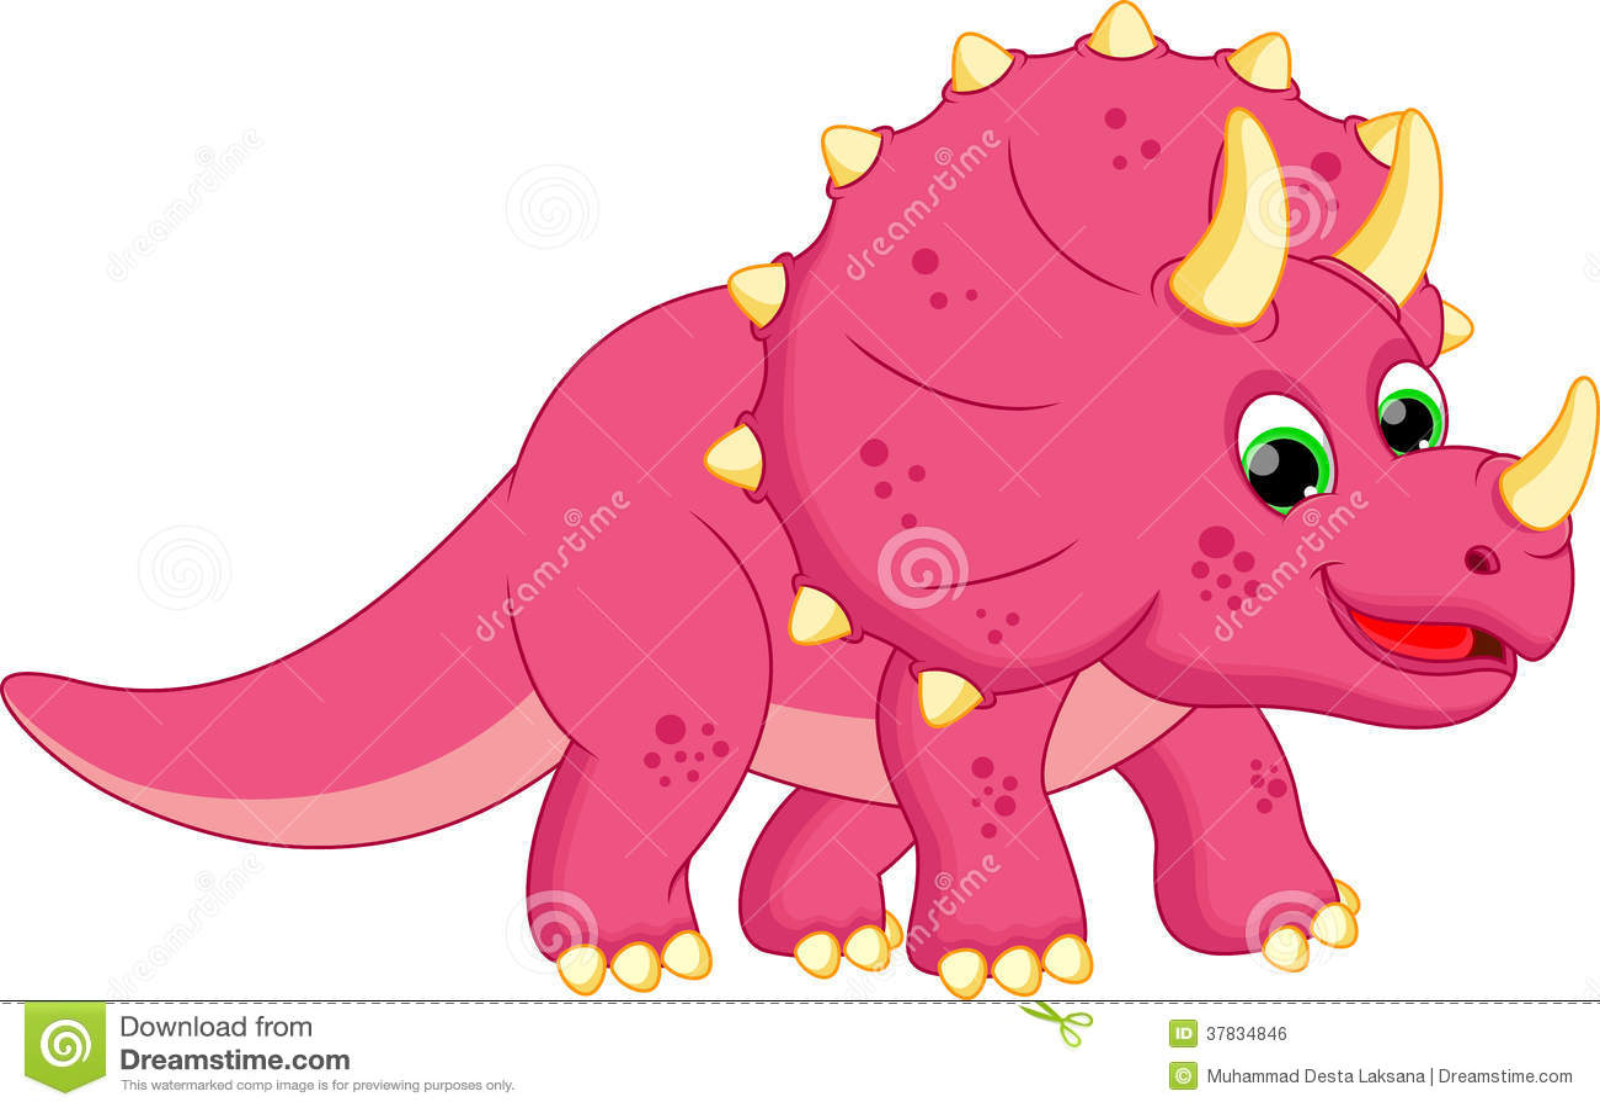 恐龙动画片图片